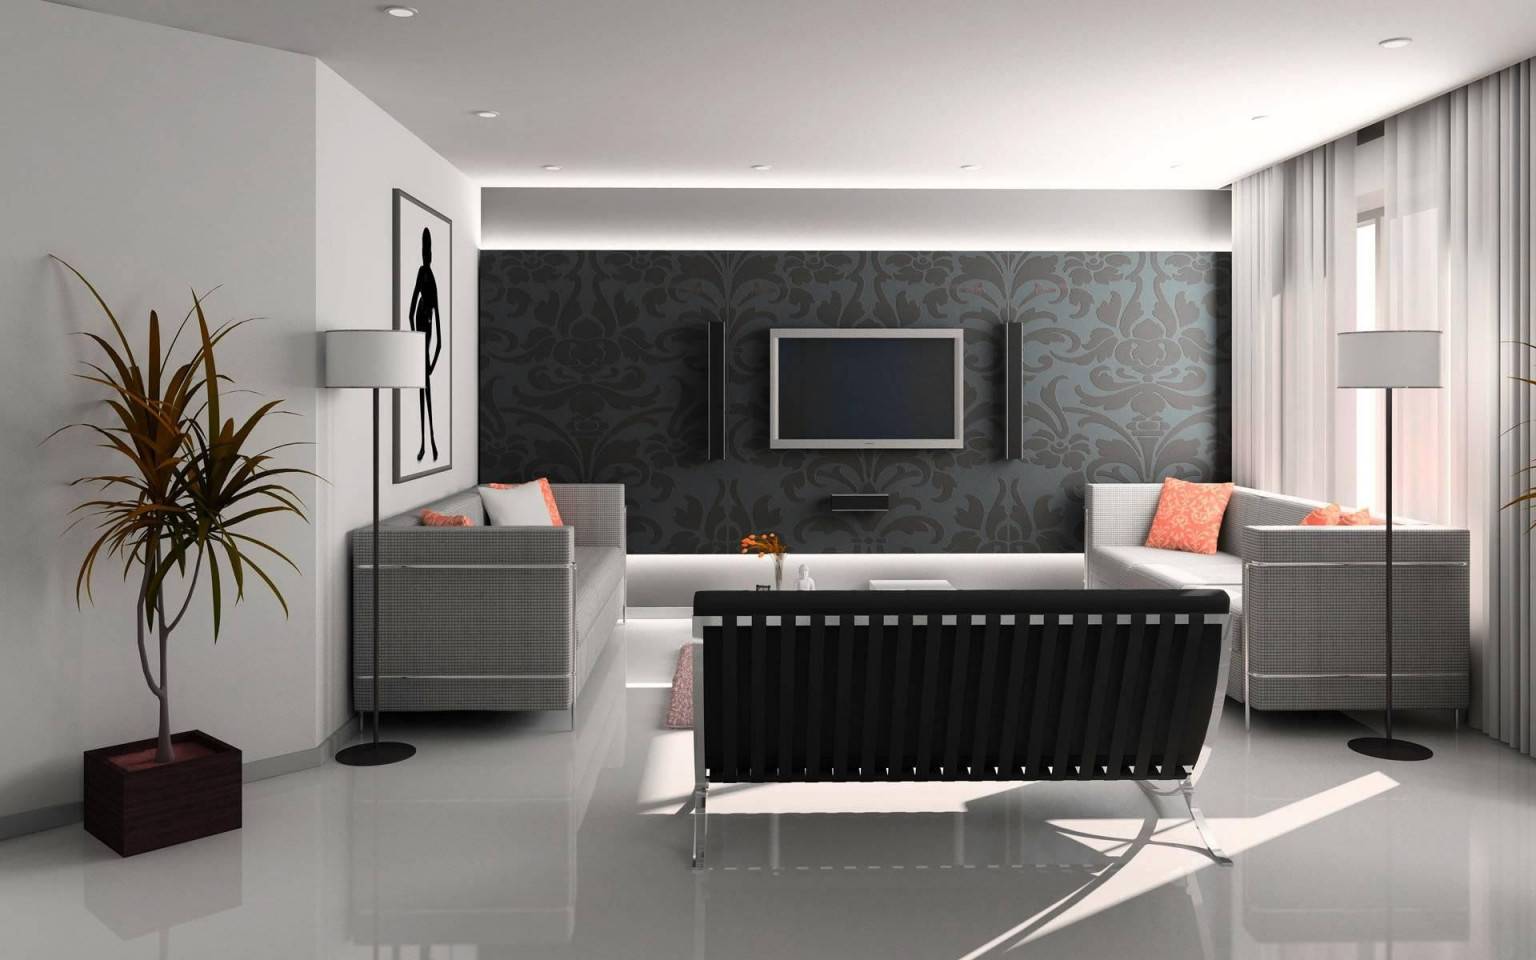 Wandgestaltung Ideen Farbe Wohnzimmer  Schlafzimmer von Farben Ideen Für Wohnzimmer Bild